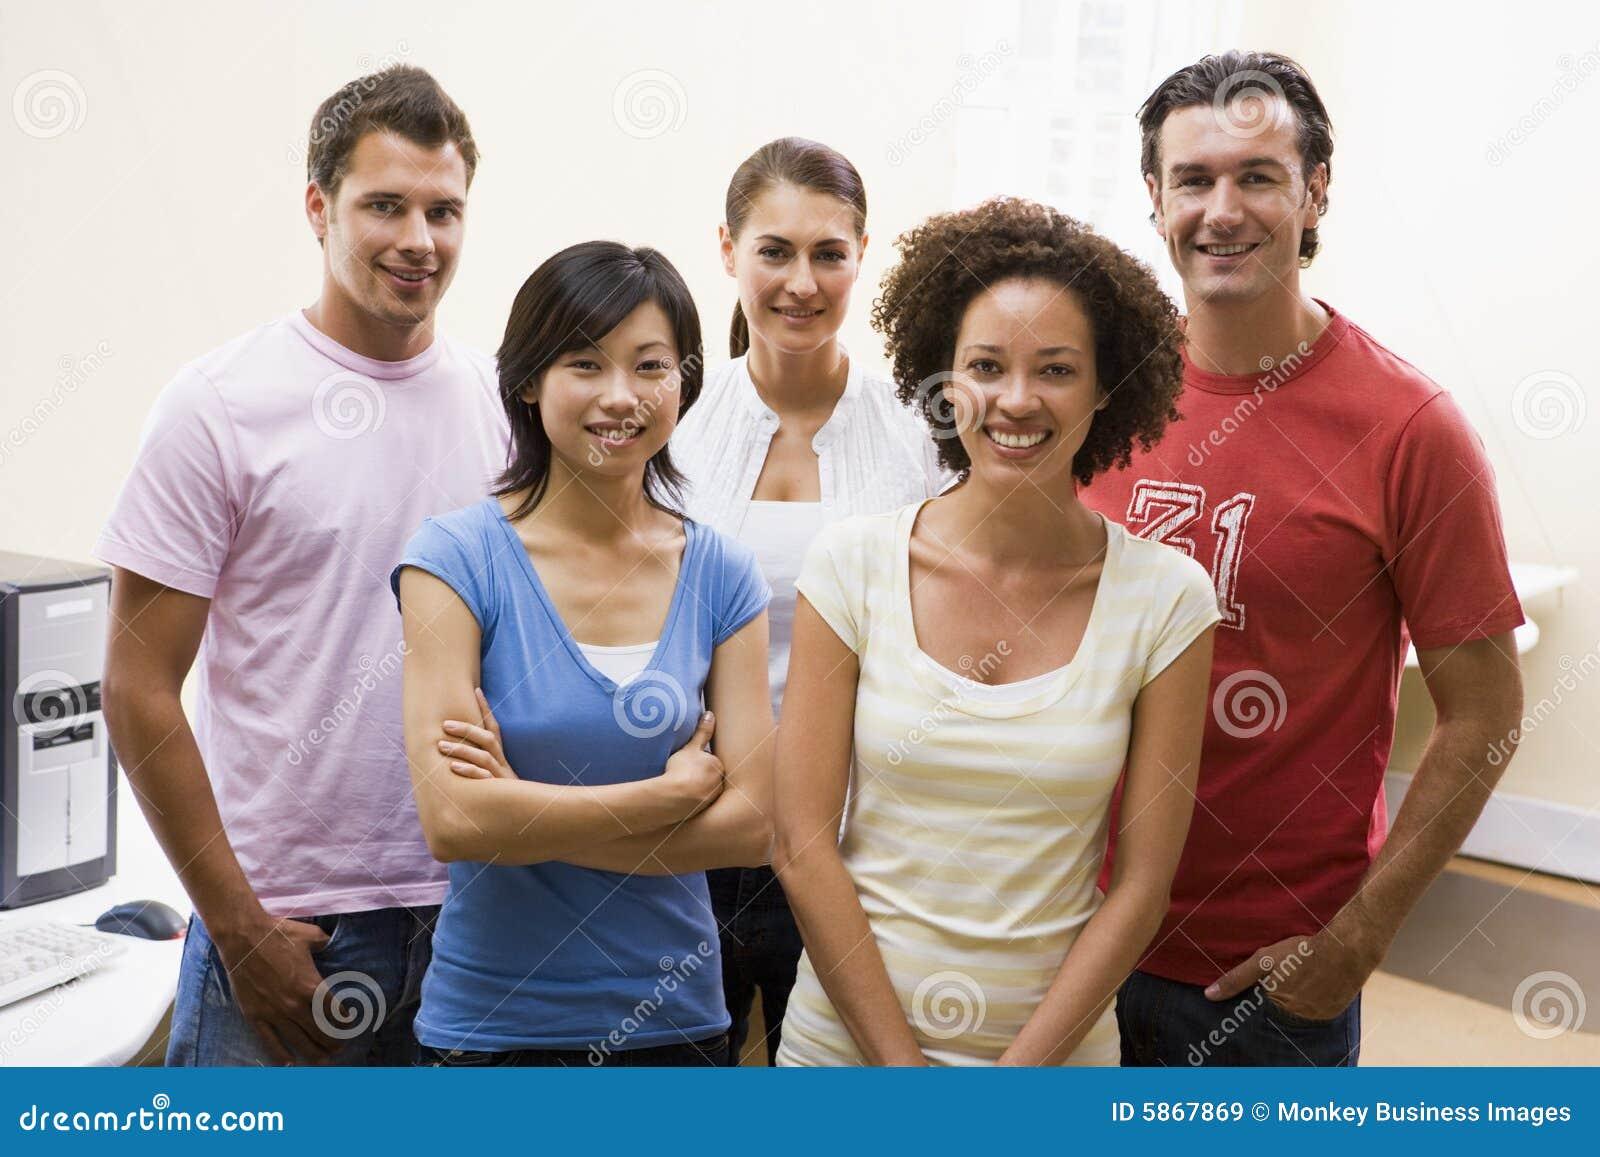 Fünf Leute, die beim Computerraumlächeln stehen